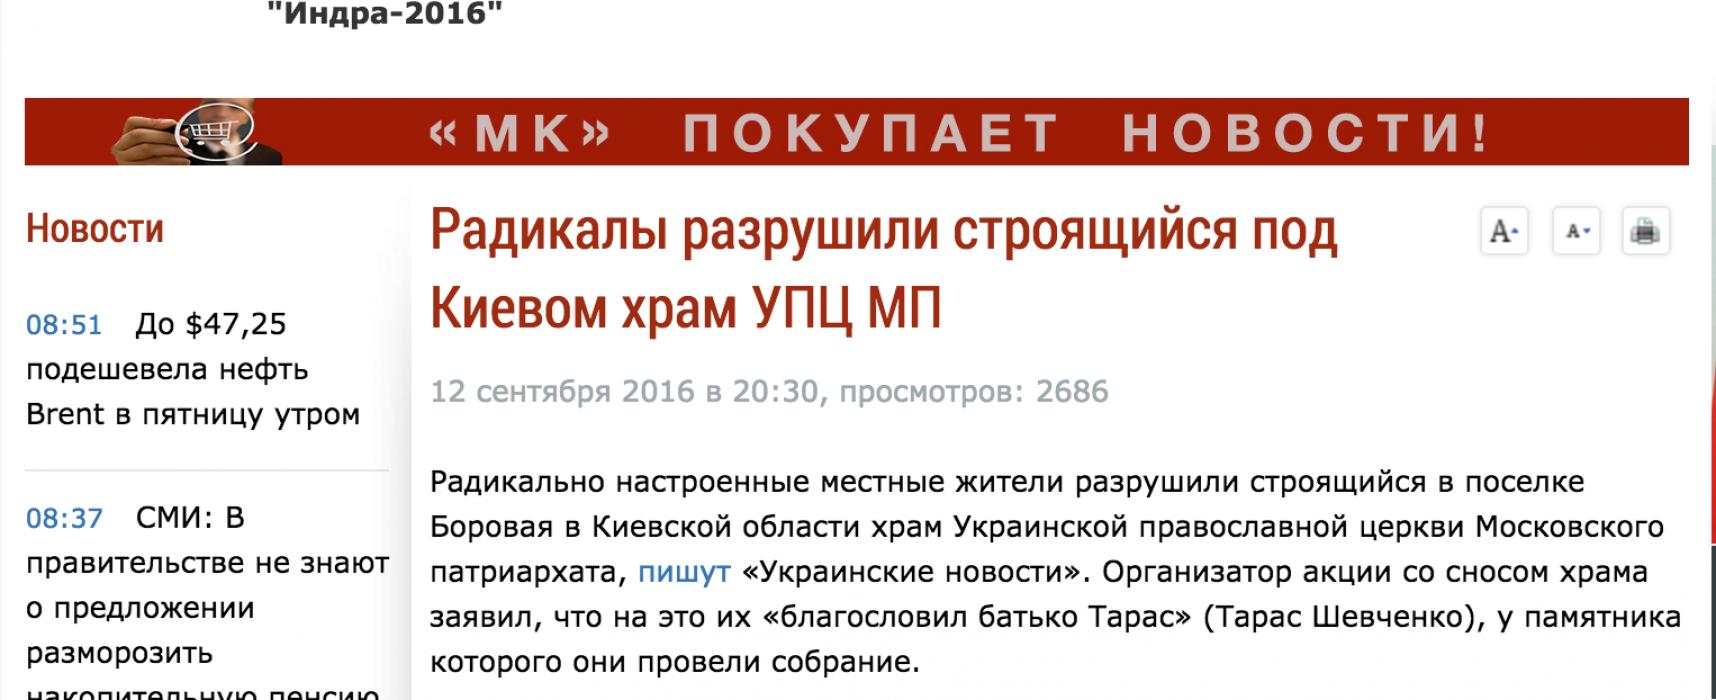 """Фейк: в Украйна """"радикалисти-националисти"""" разрушили храм на Московския патриархат"""